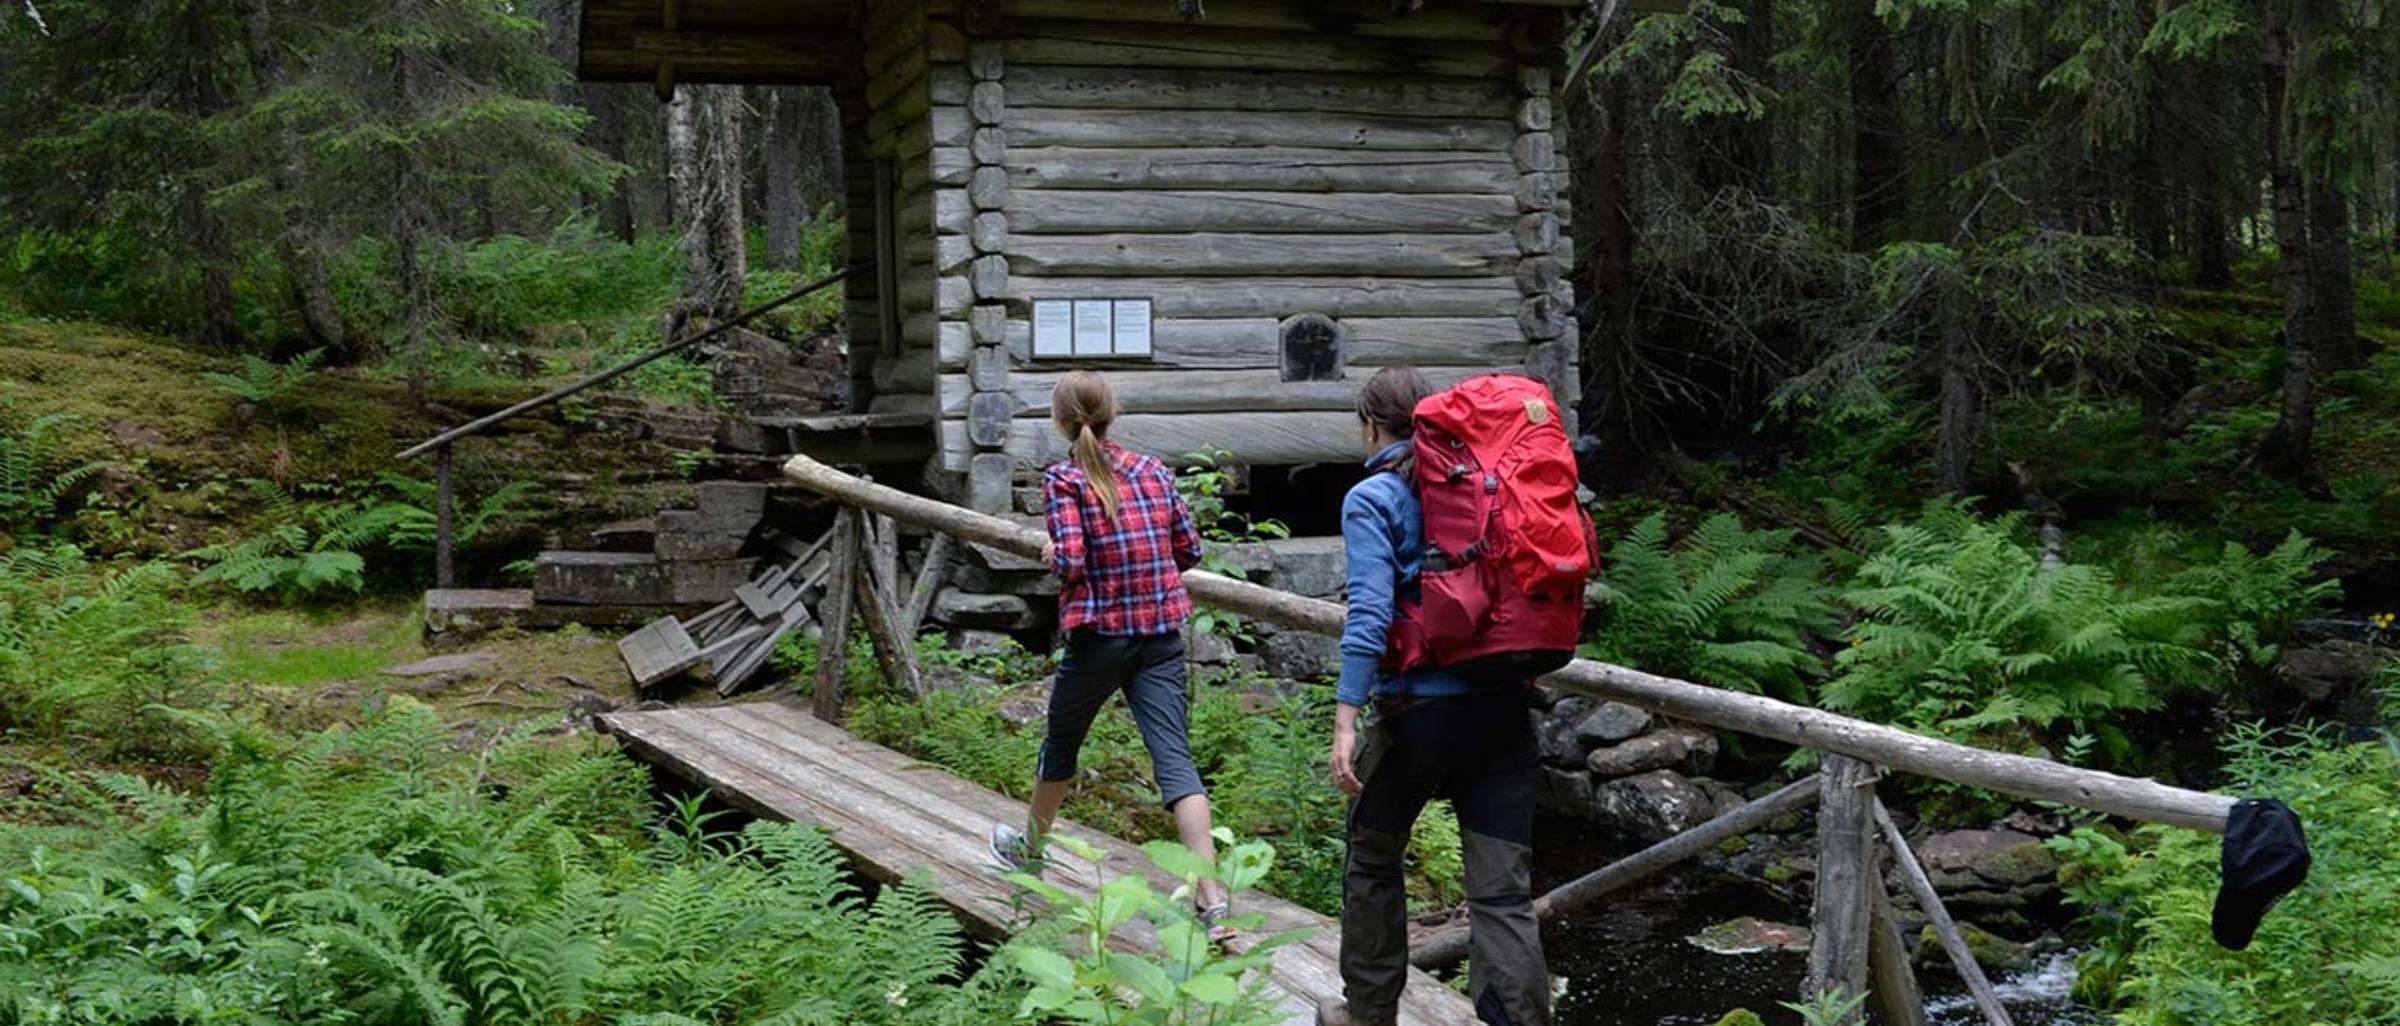 Vasaloppsarenan sommar vandring skog 1350x690